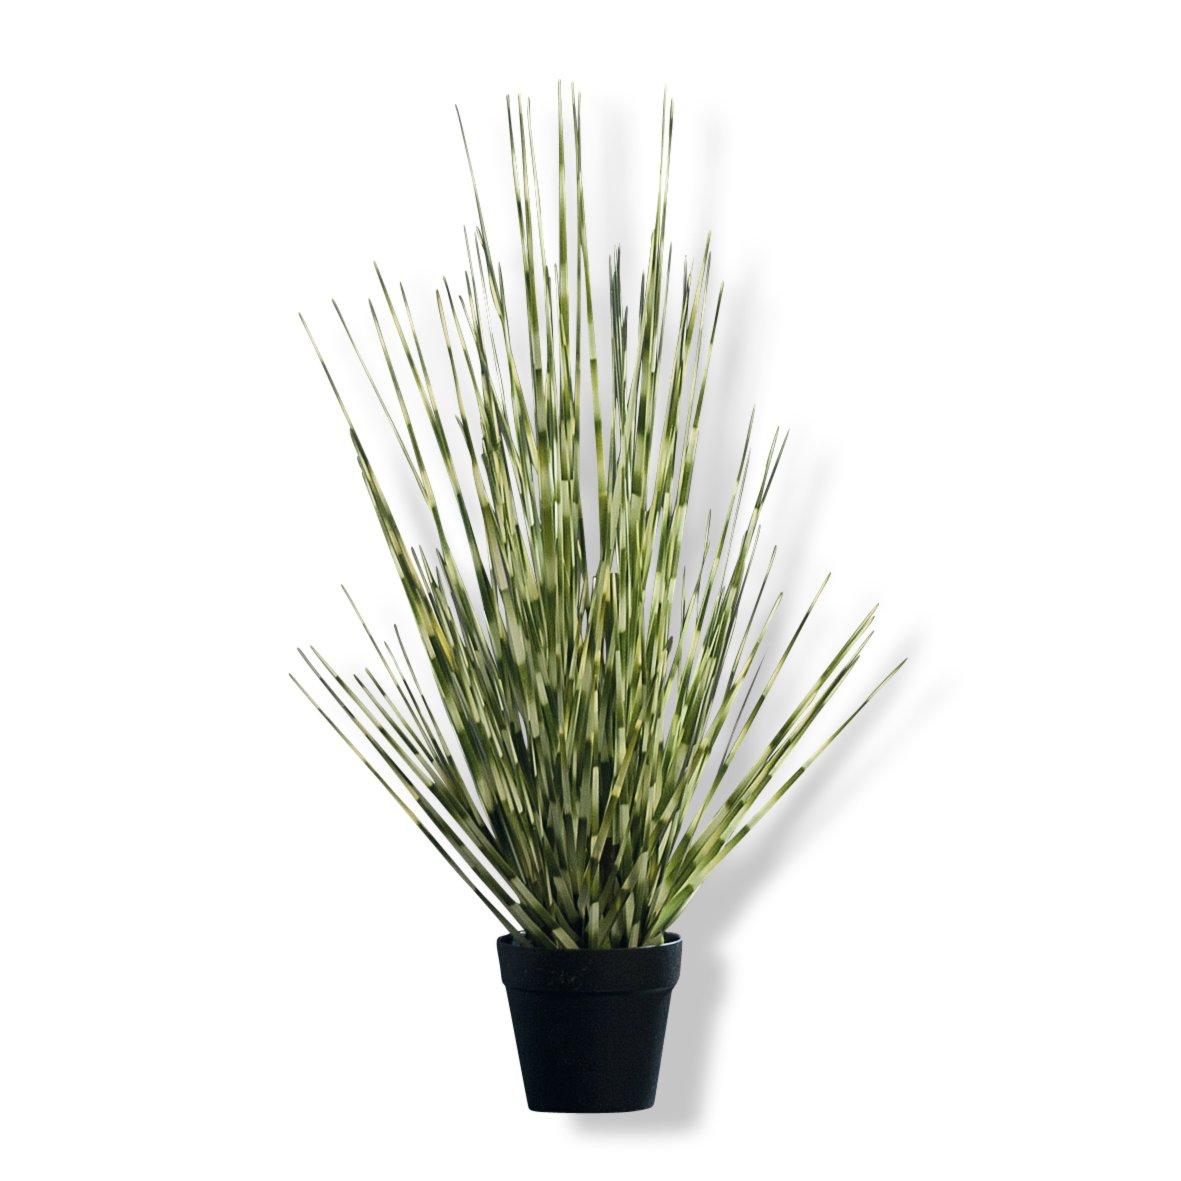 zebra wohnzimmer:Zebra-Gras